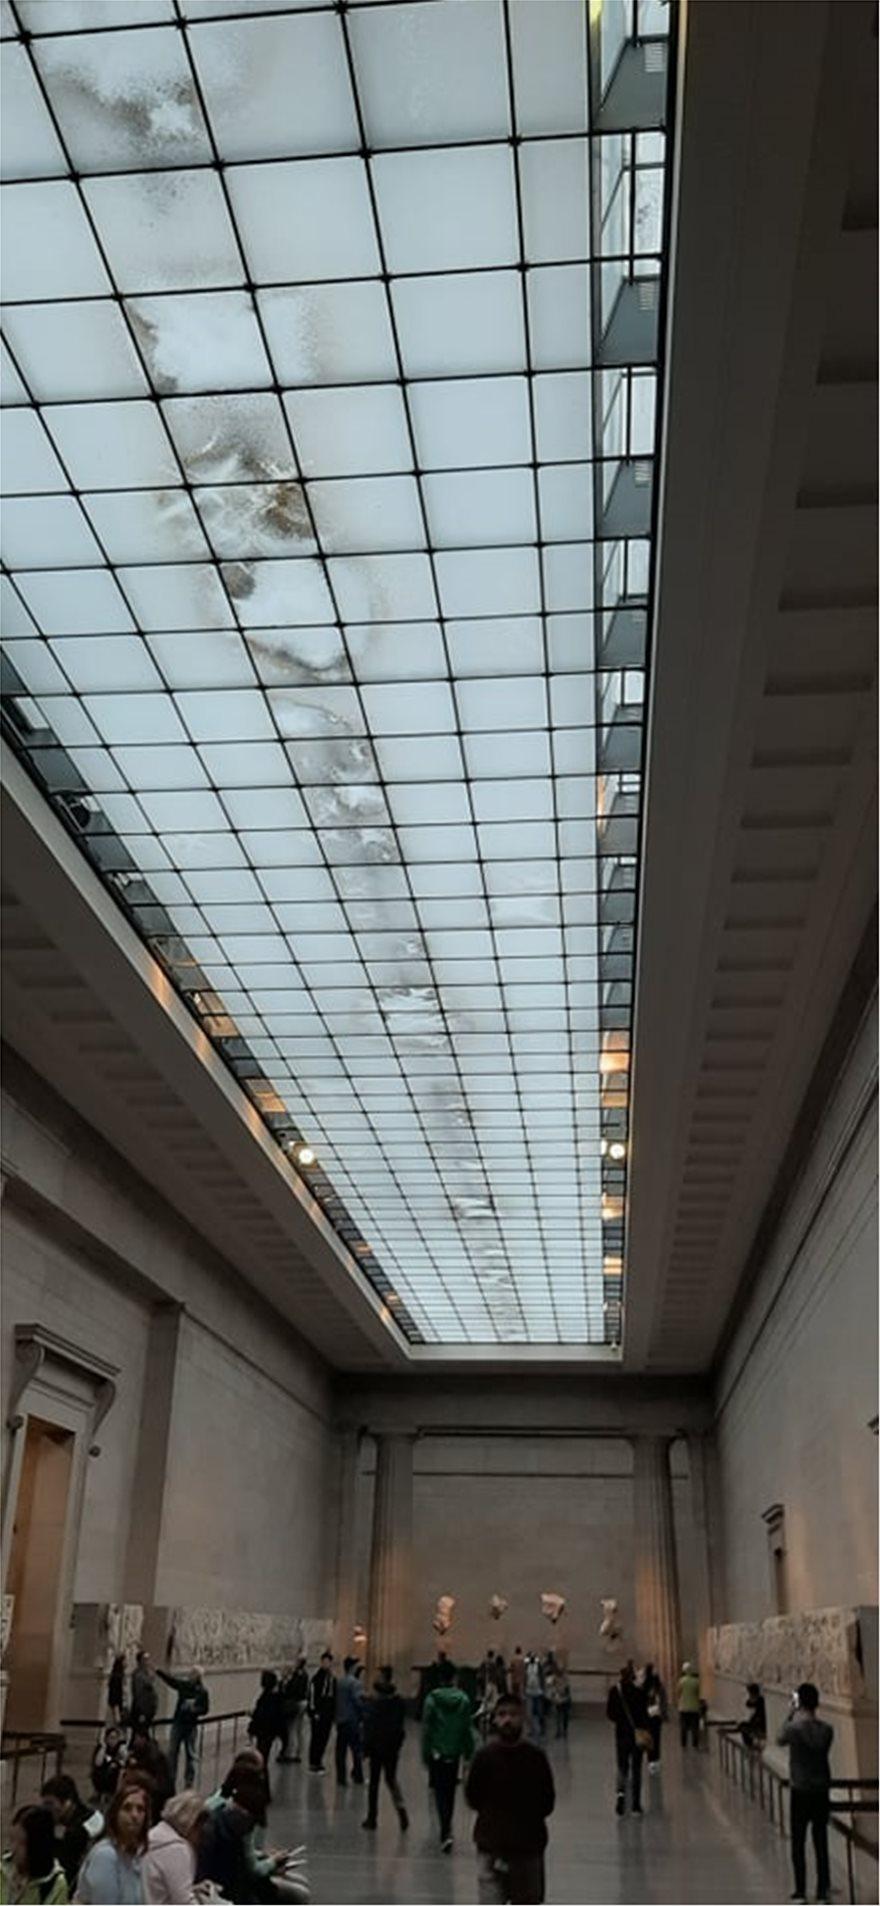 Βρετανικό Μουσείο: Μούχλα και αράχνες στην αίθουσα με τα Γλυπτά του Παρθενώνα - Φωτογραφία 4